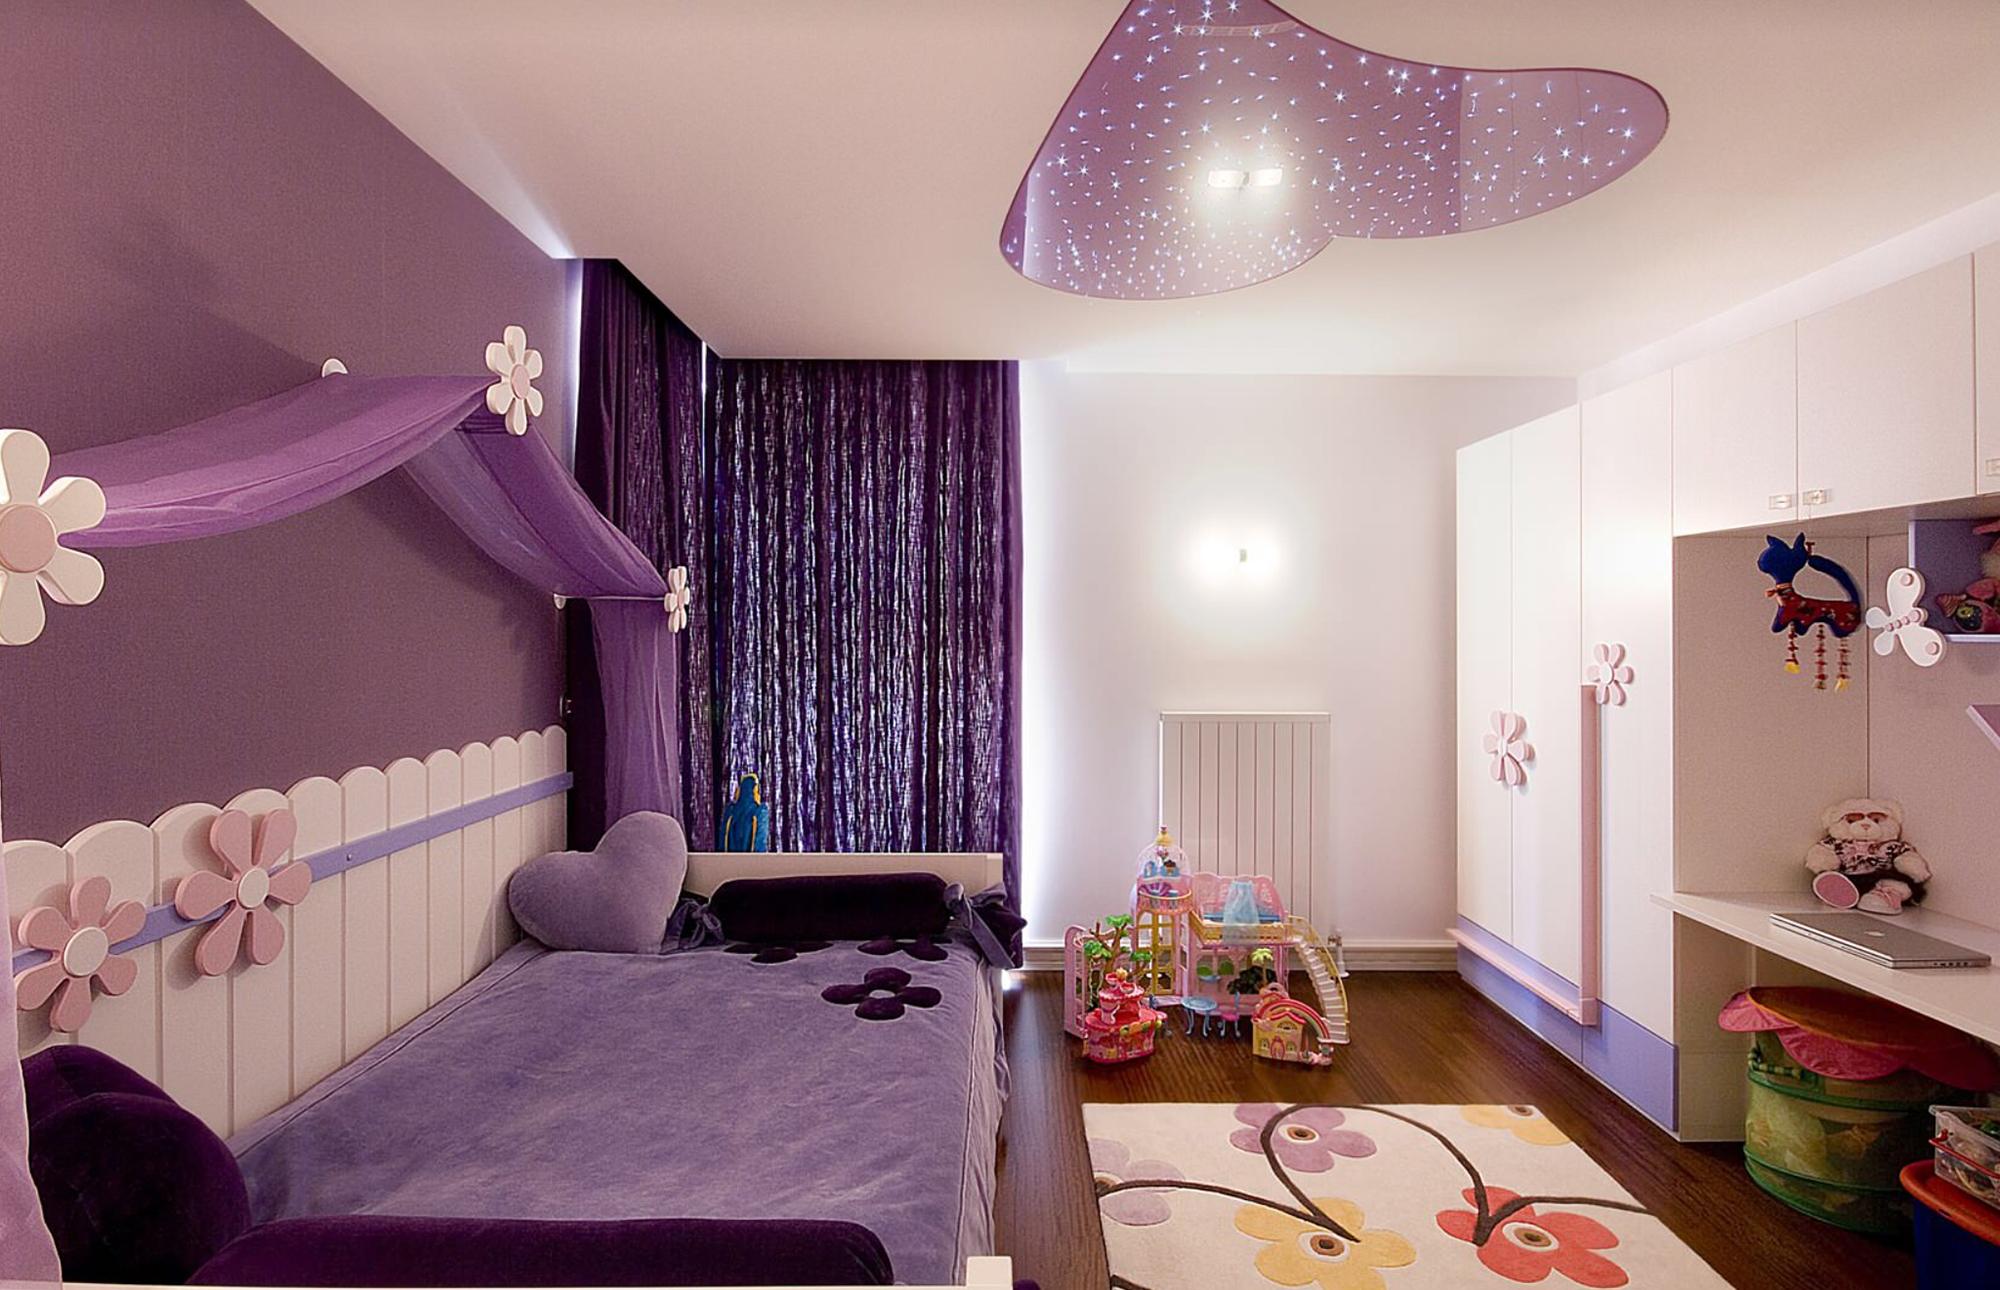 Бело-фиолетовый потолок в детской